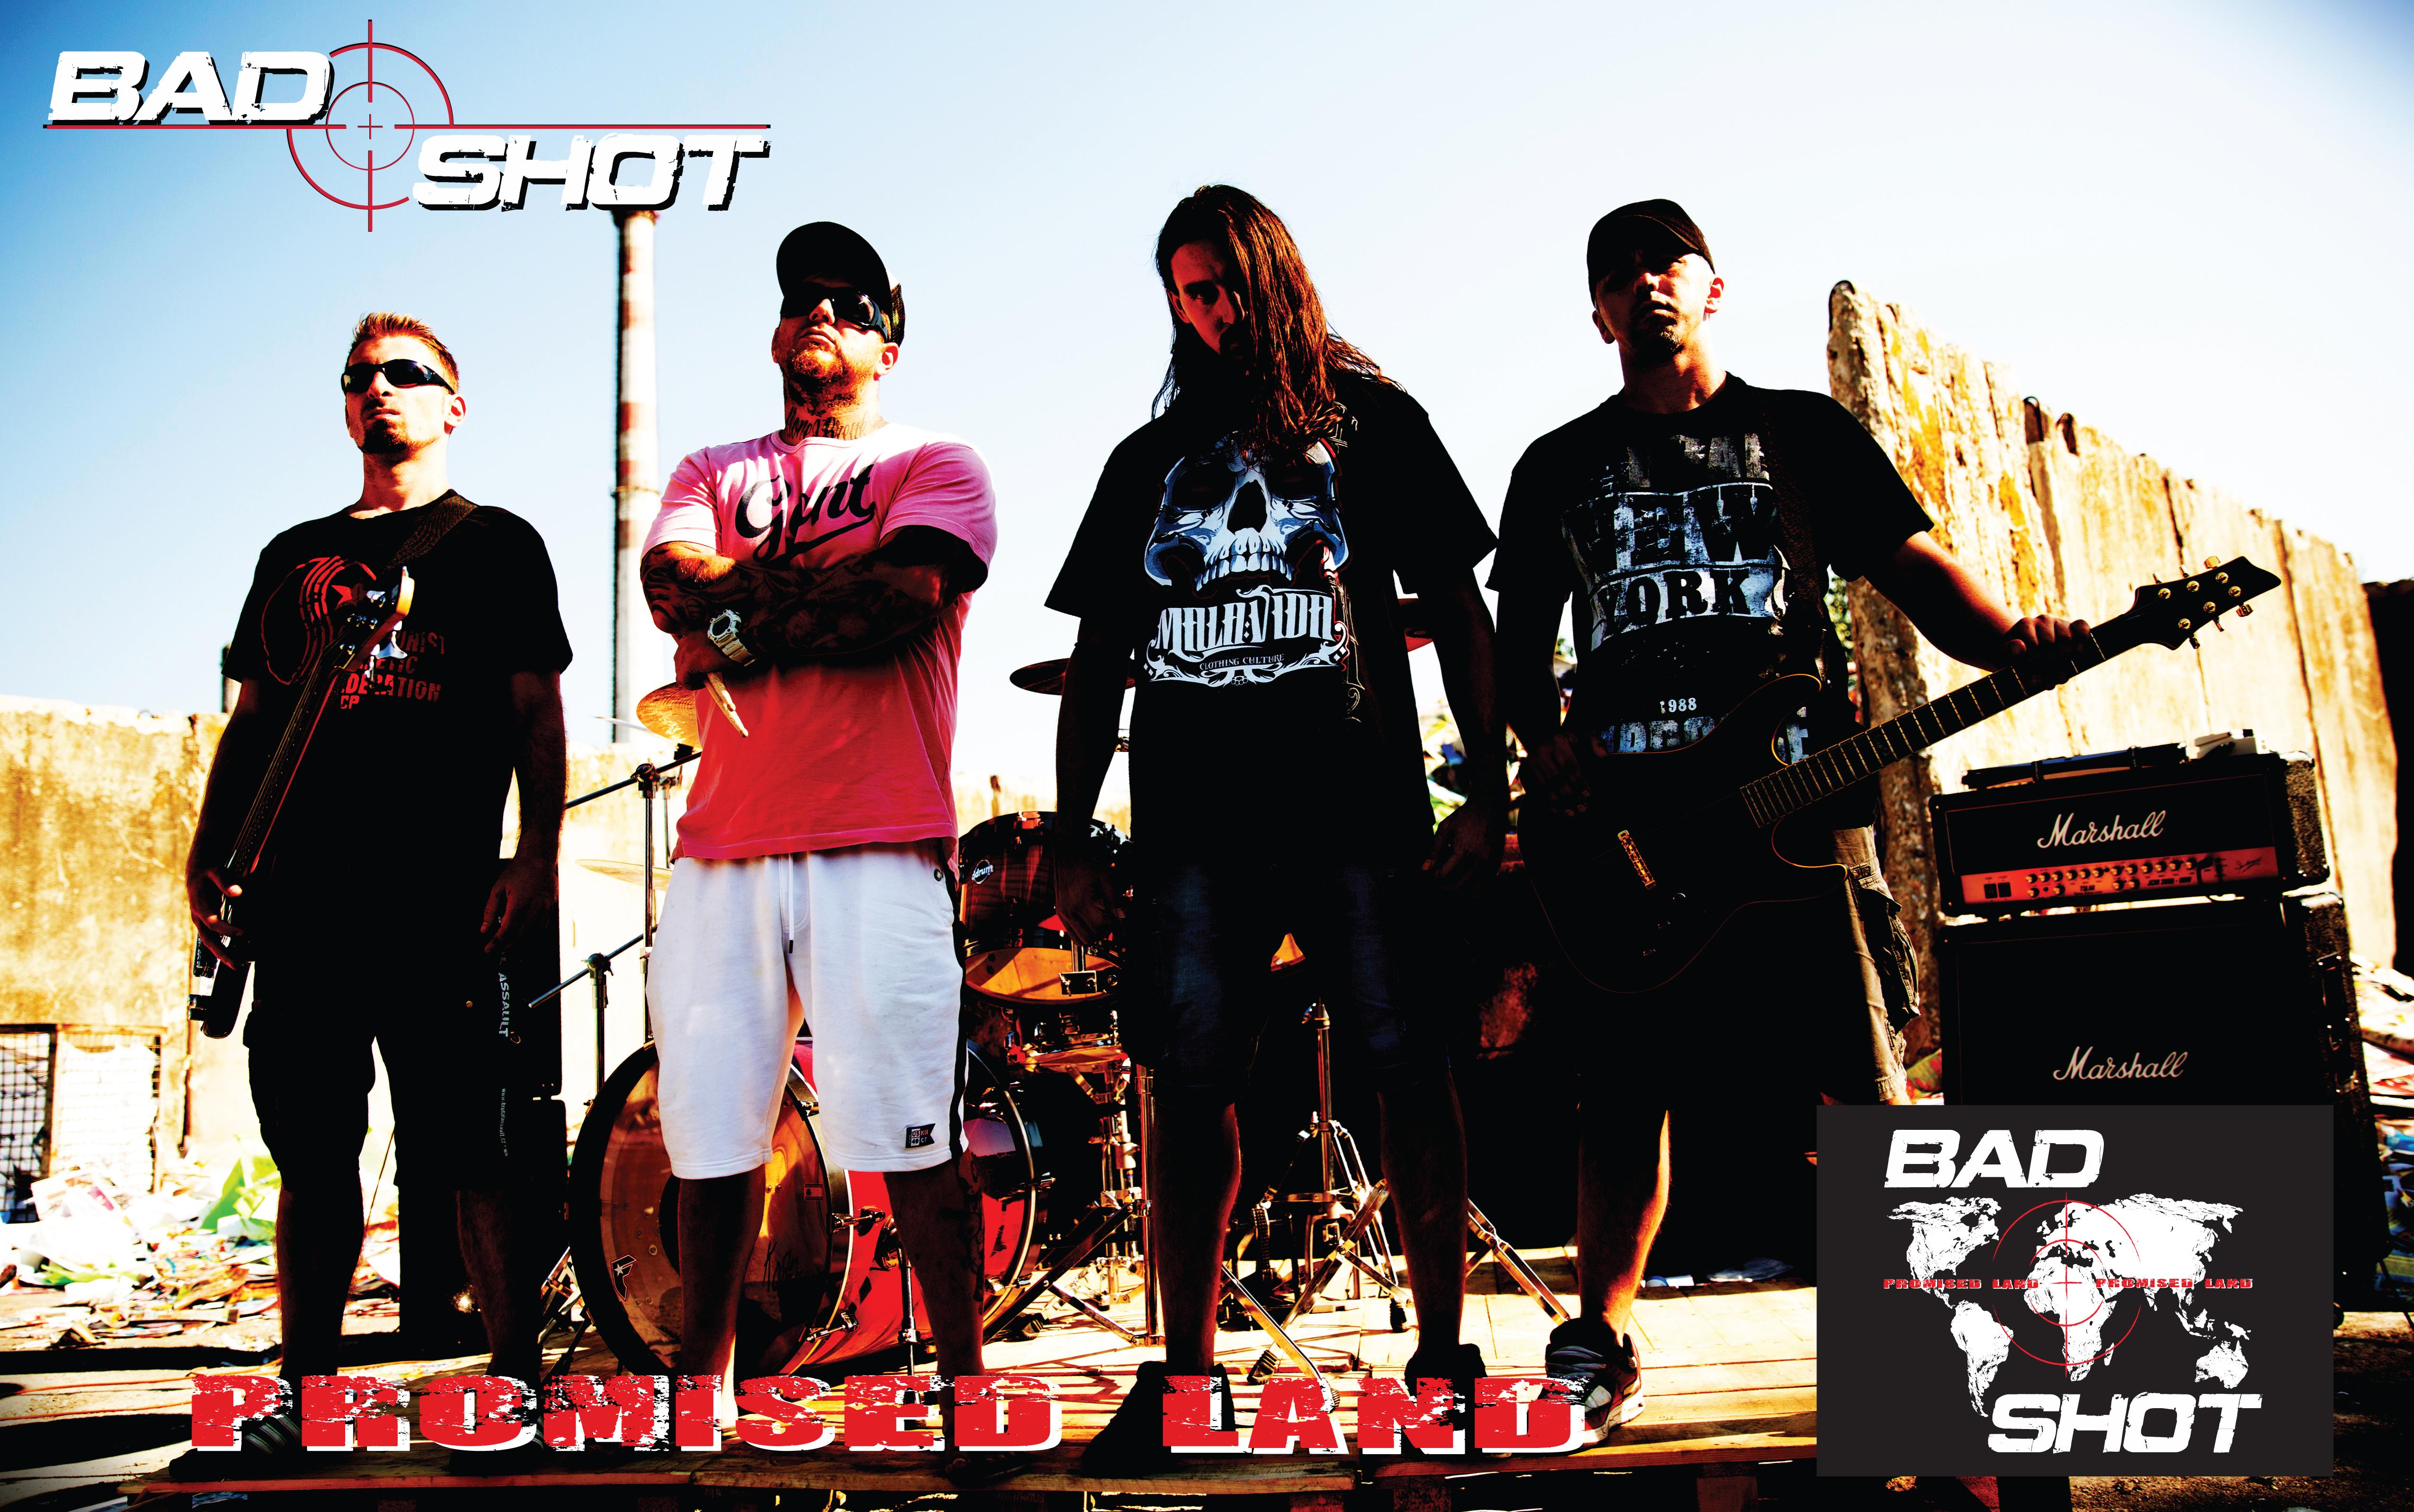 Kapela Bad Shot predstavuje novú krv slovenskej hardcore-metal scény. Tento  rok sa stal pre nich prelomovým dbc211764e